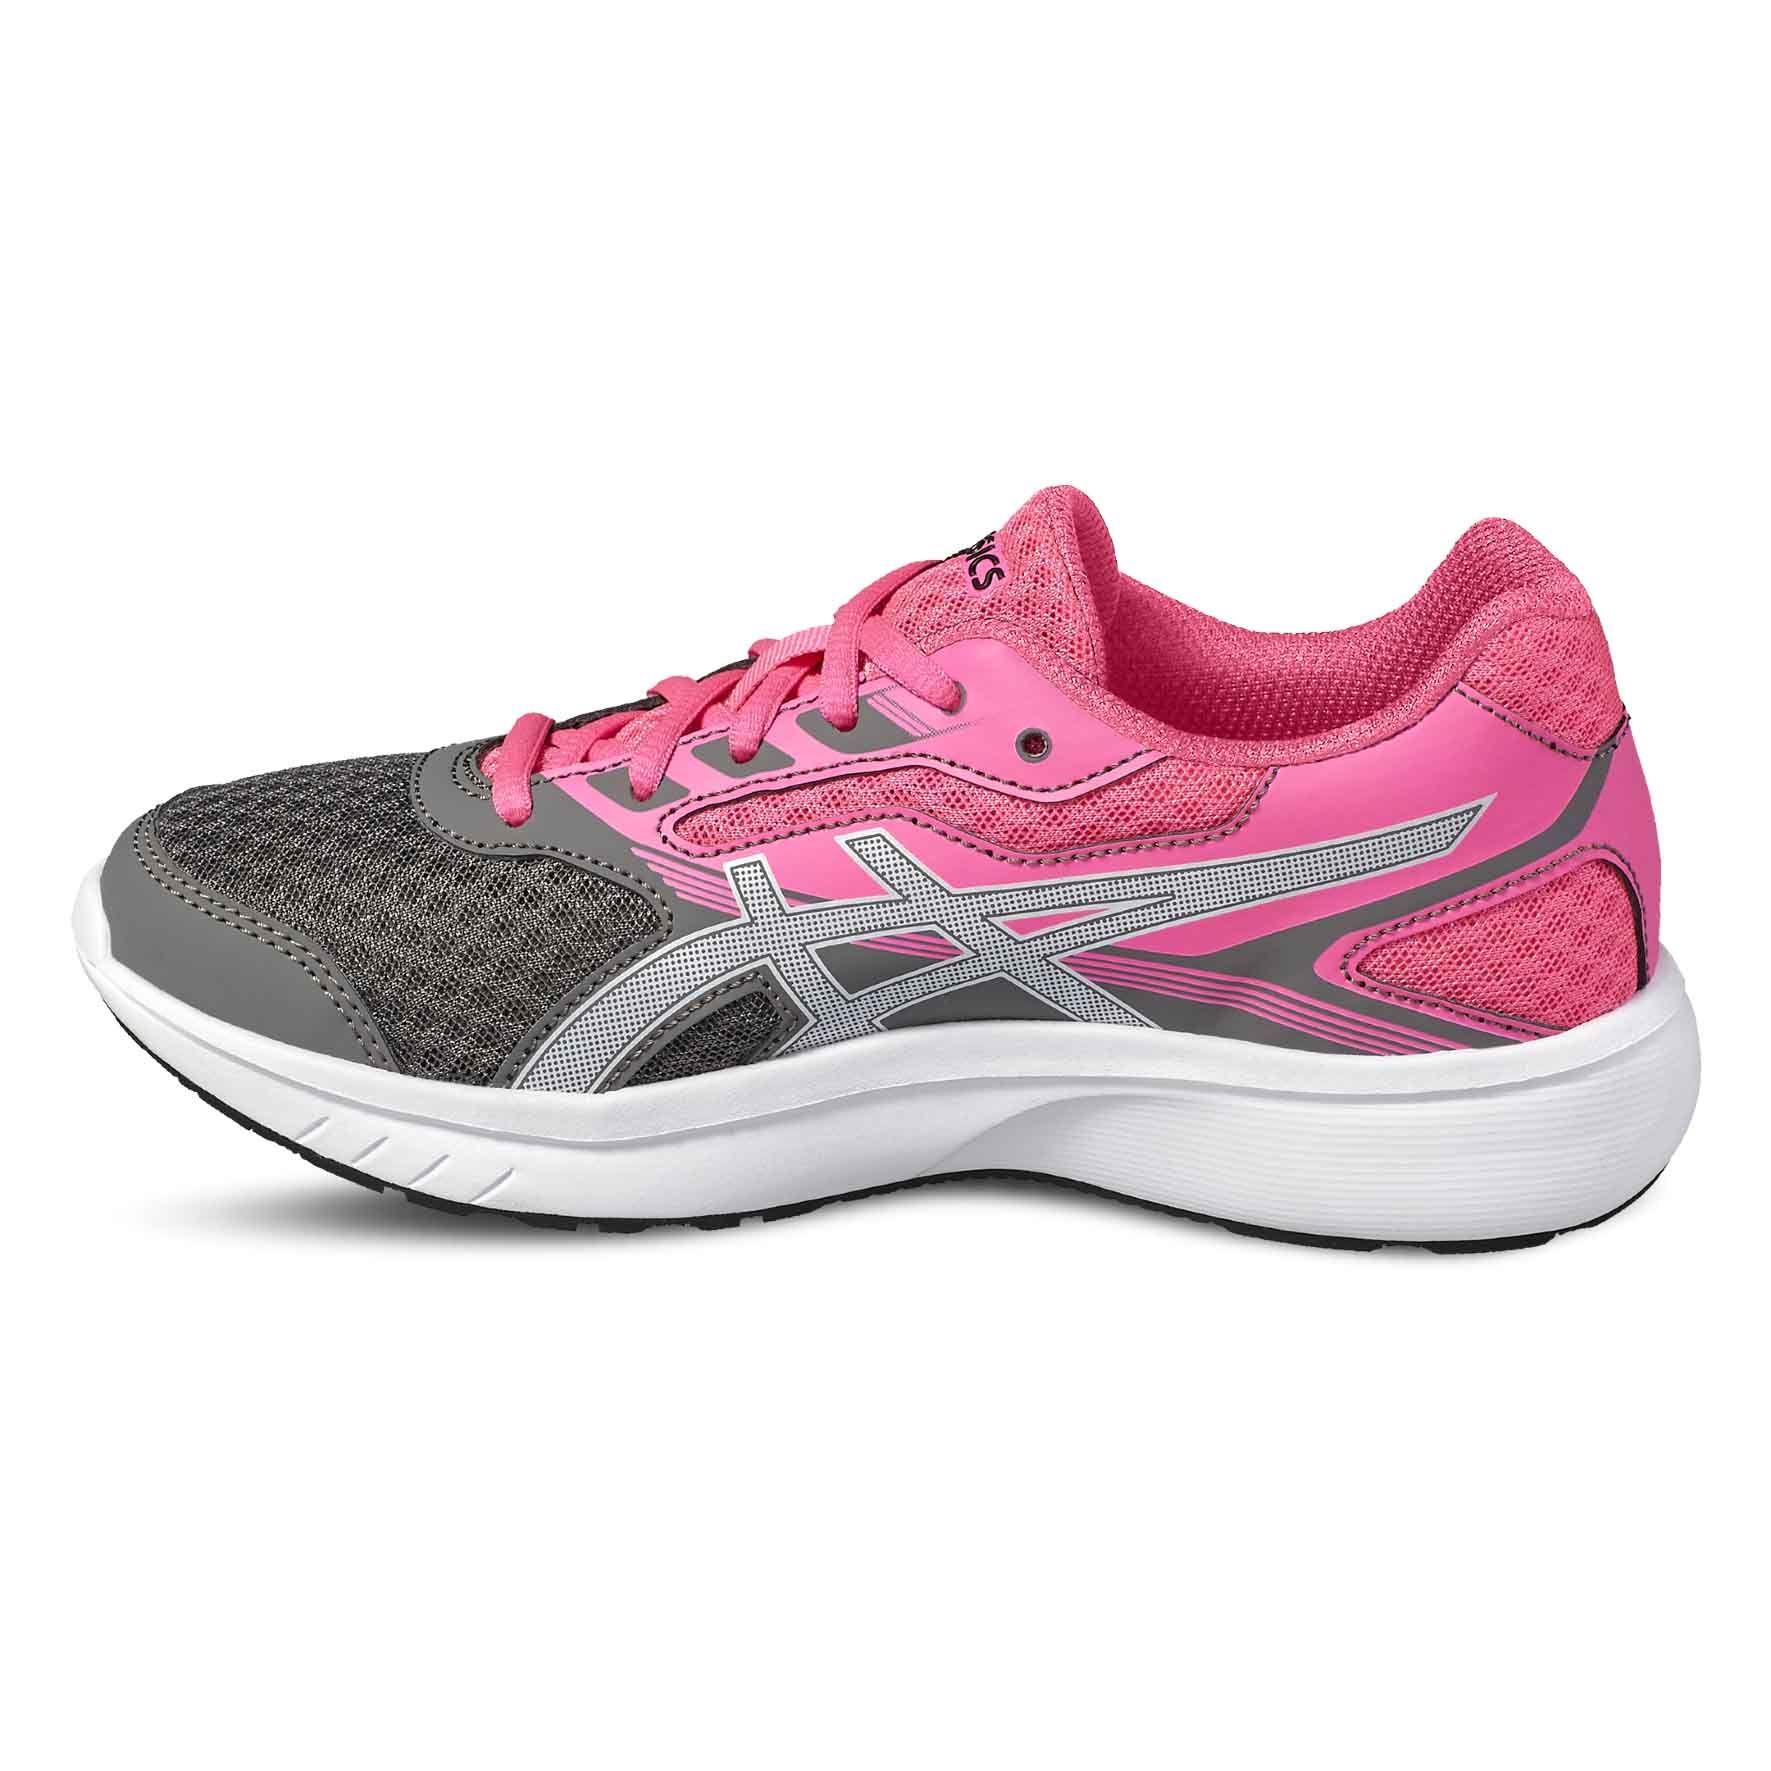 Asics Stormer GS Girls Running Shoes - Sweatband.com